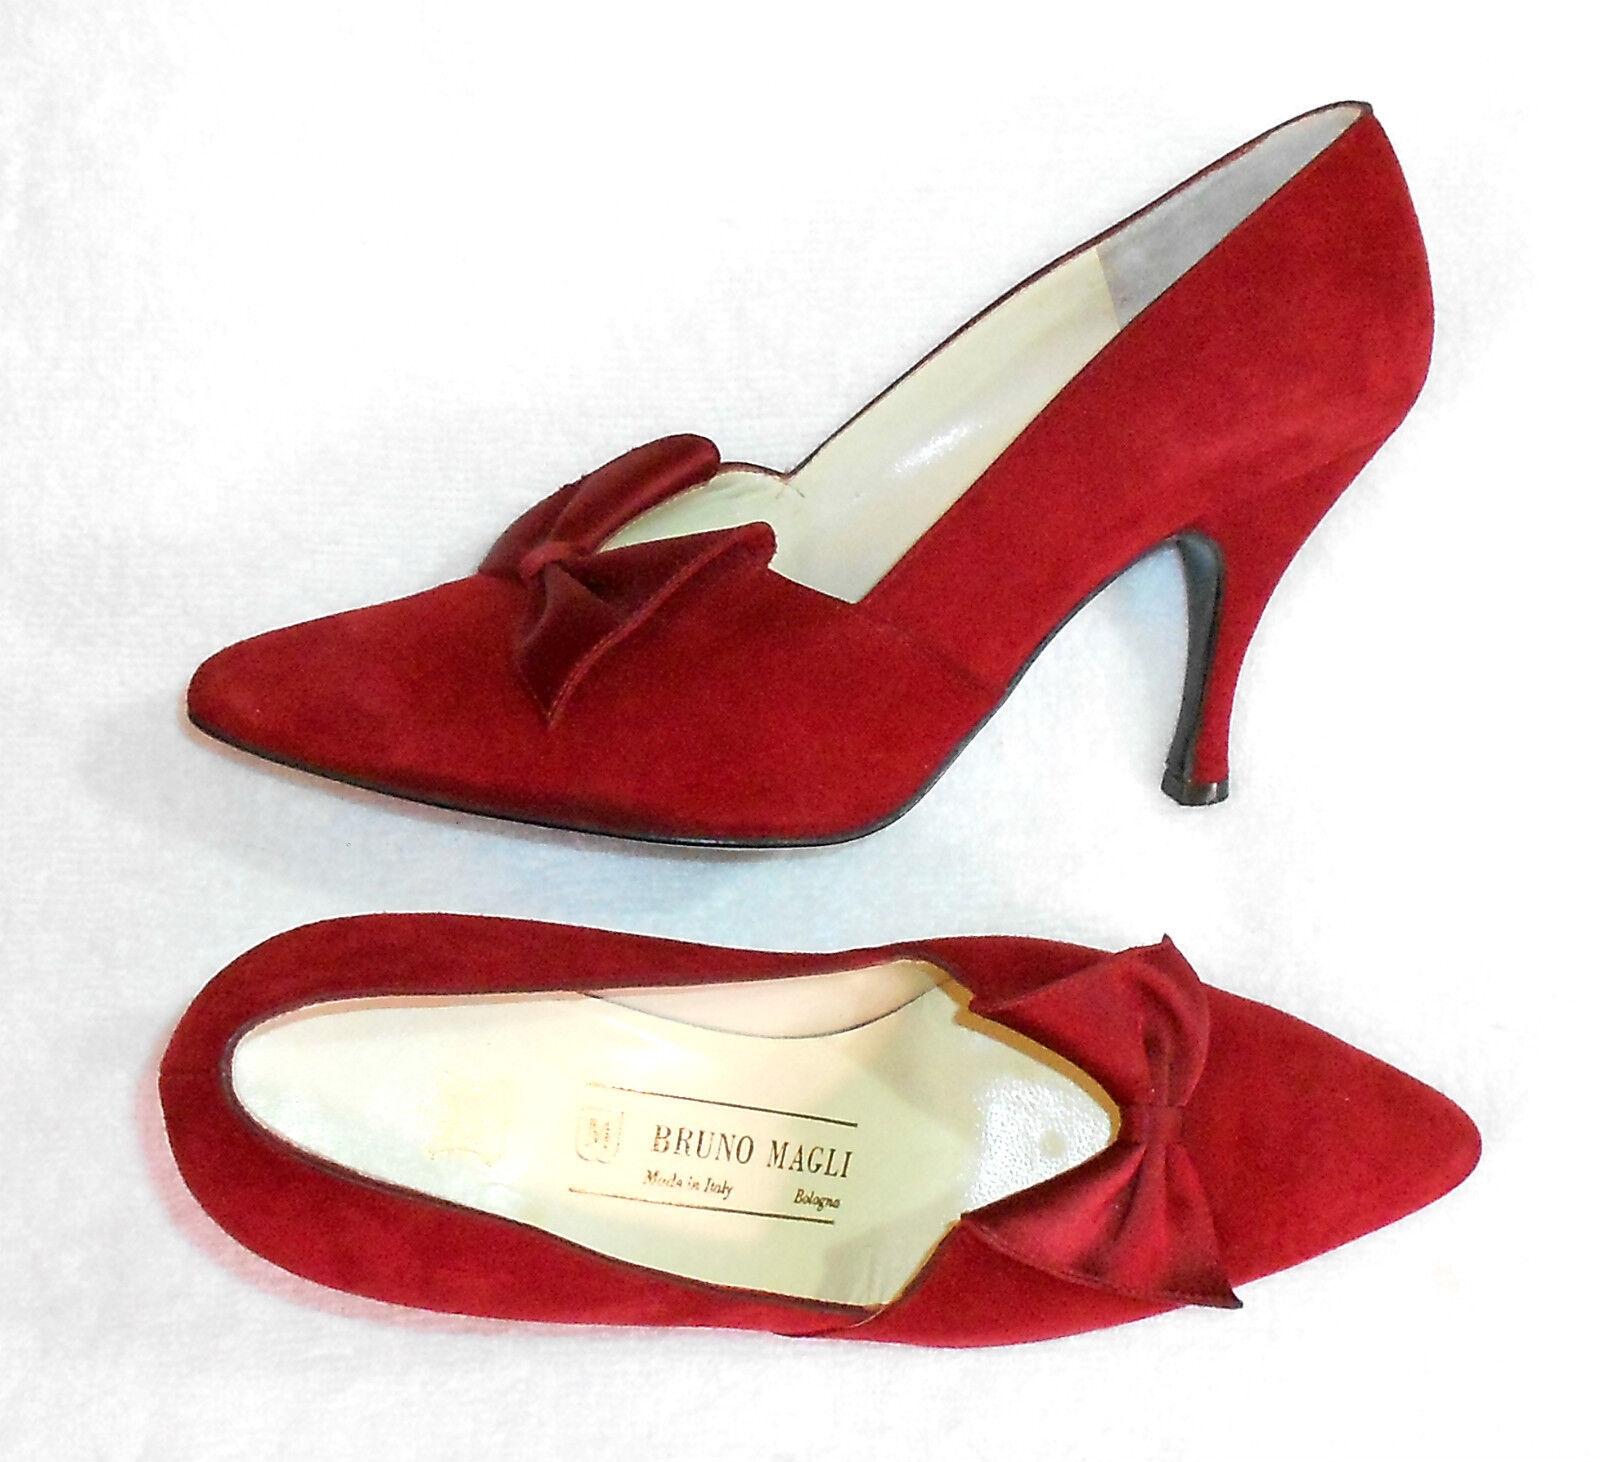 BRUNO MAGLI escarpins cuir daim rouge foncé  P 36  TBE  produit de luxe